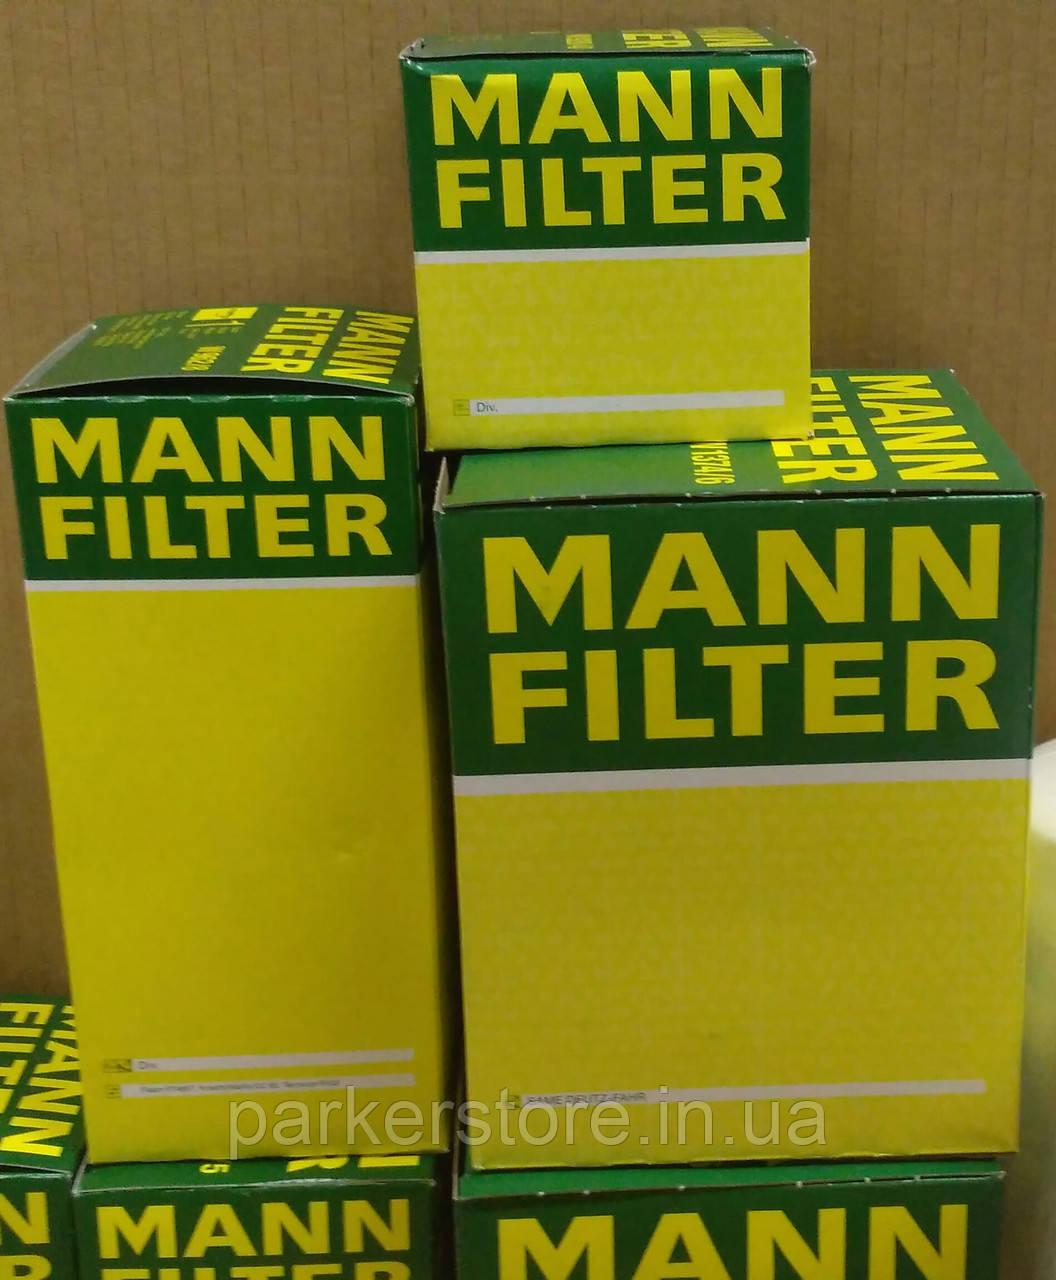 MANN FILTER / Воздушный фильтр / C 30 899 / C30899